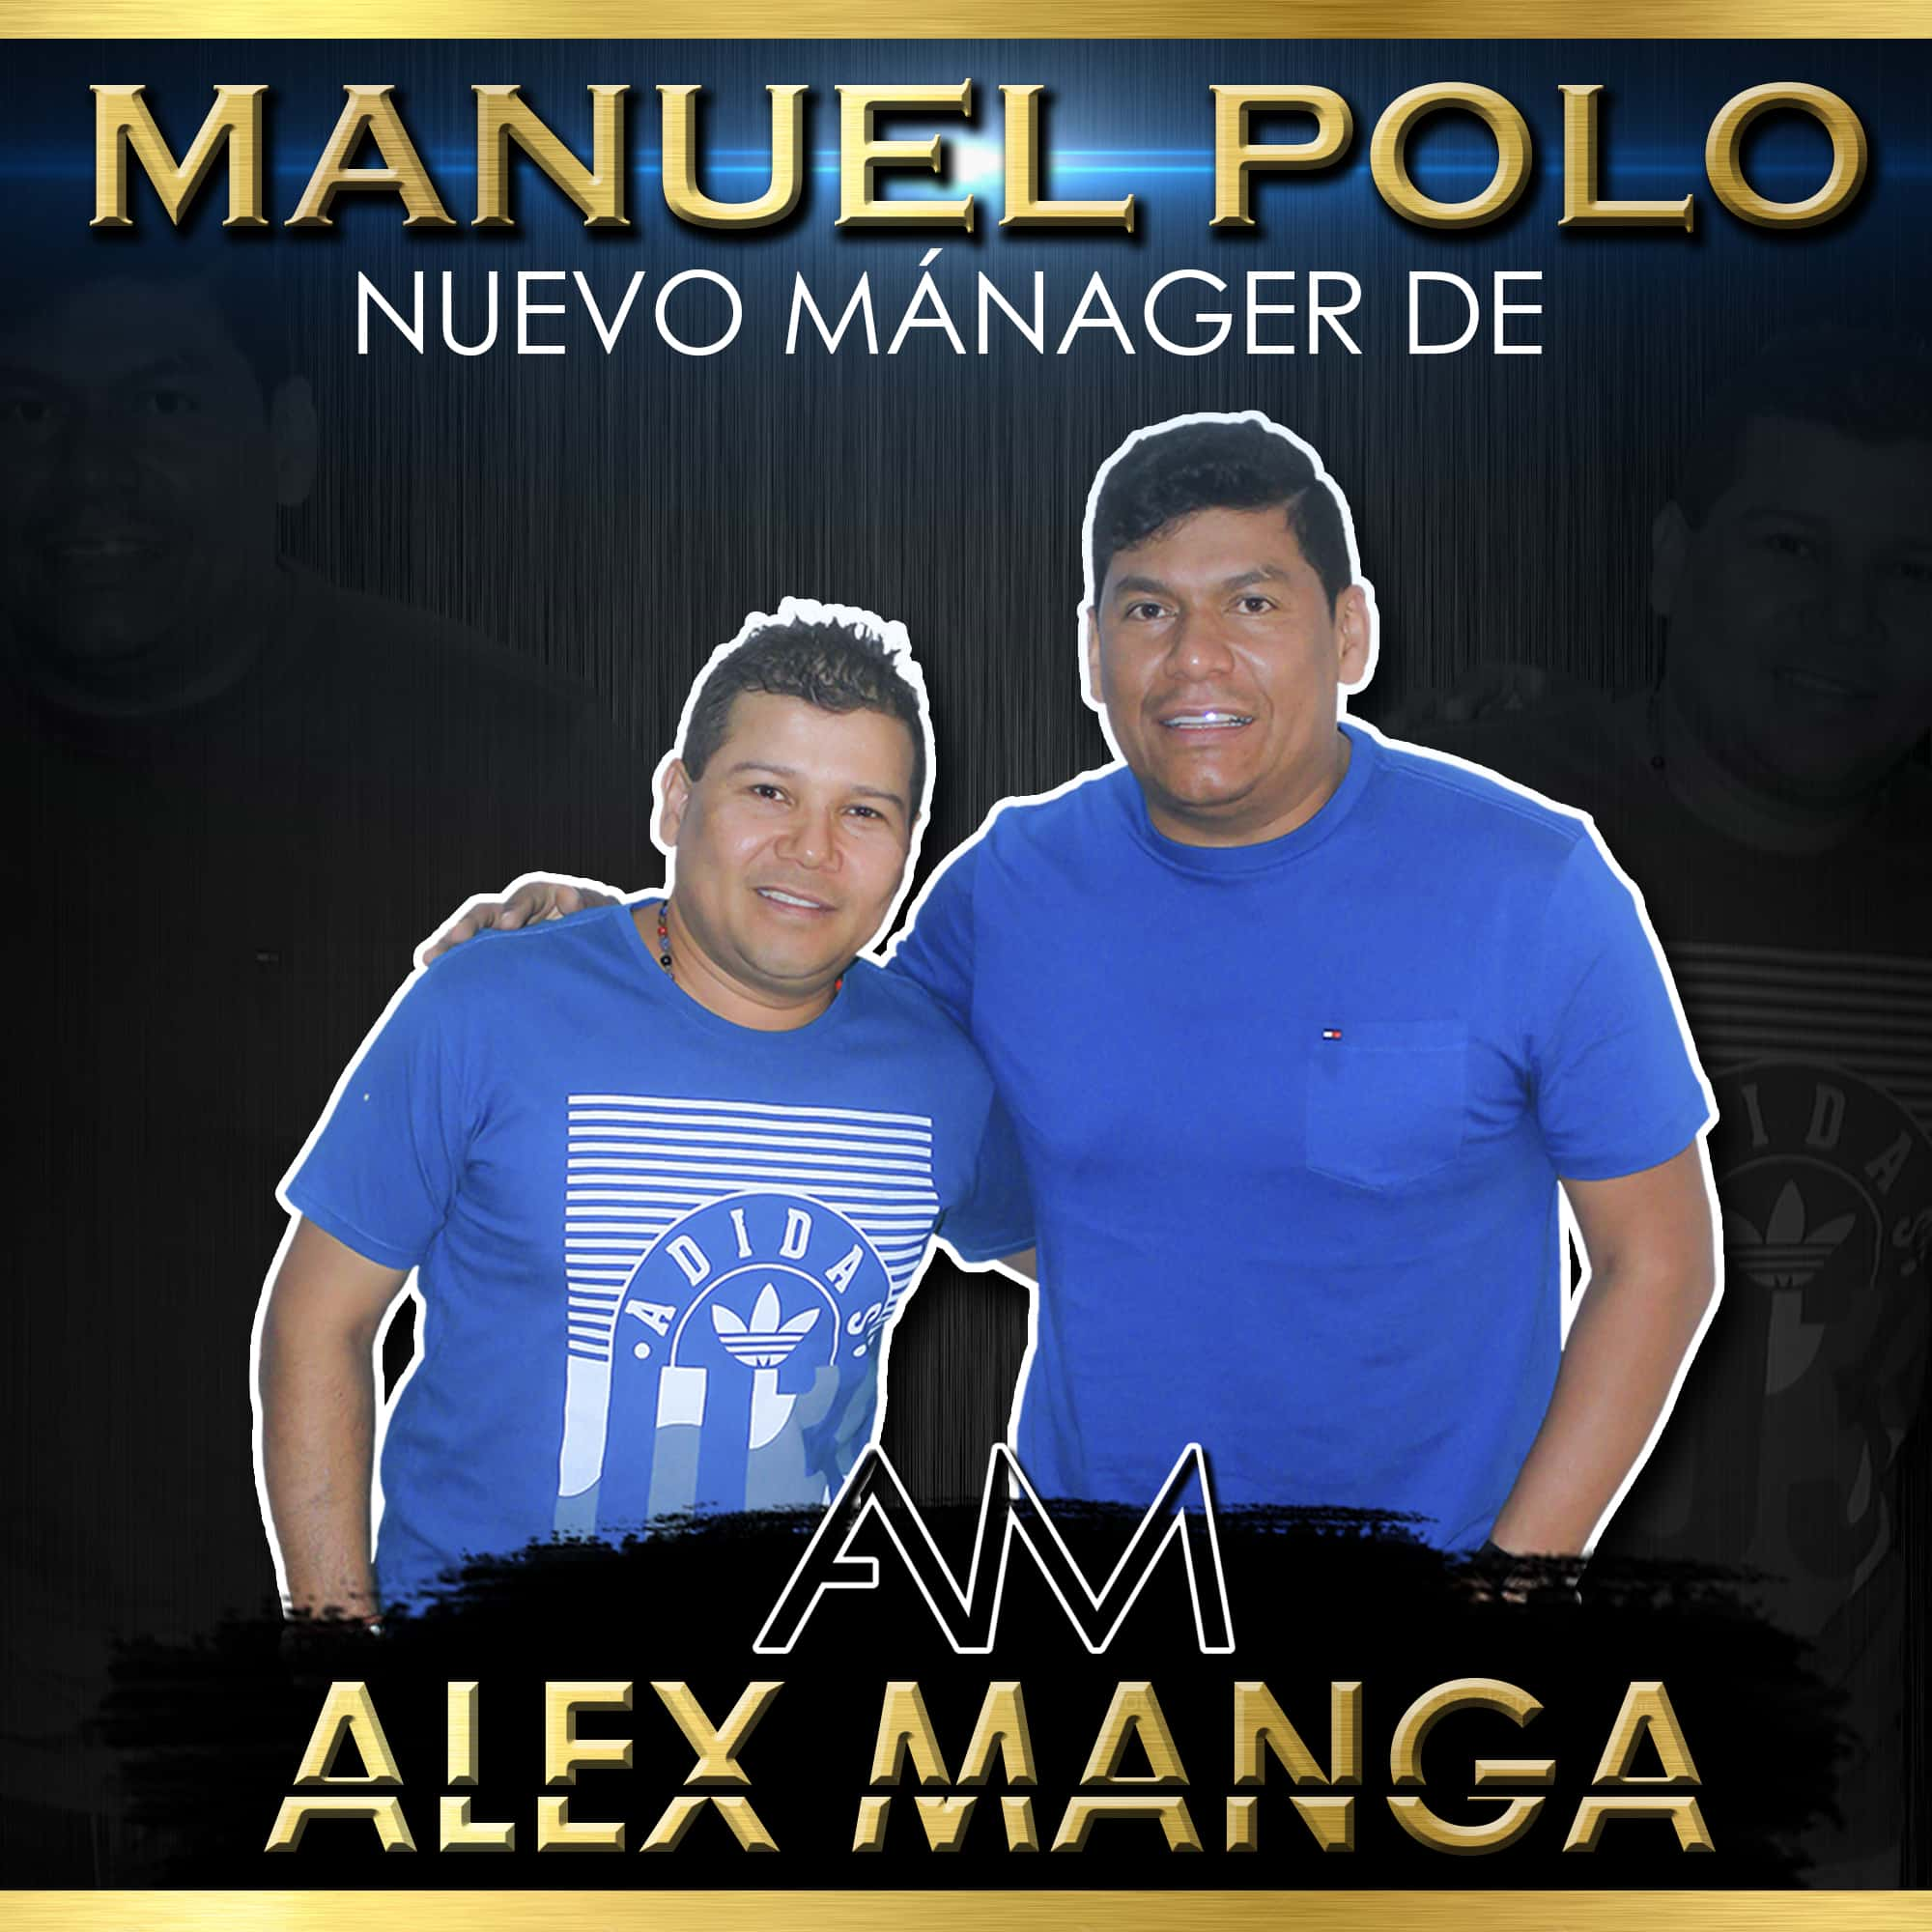 Manuel Polo nuevo mánager de Alex Manga